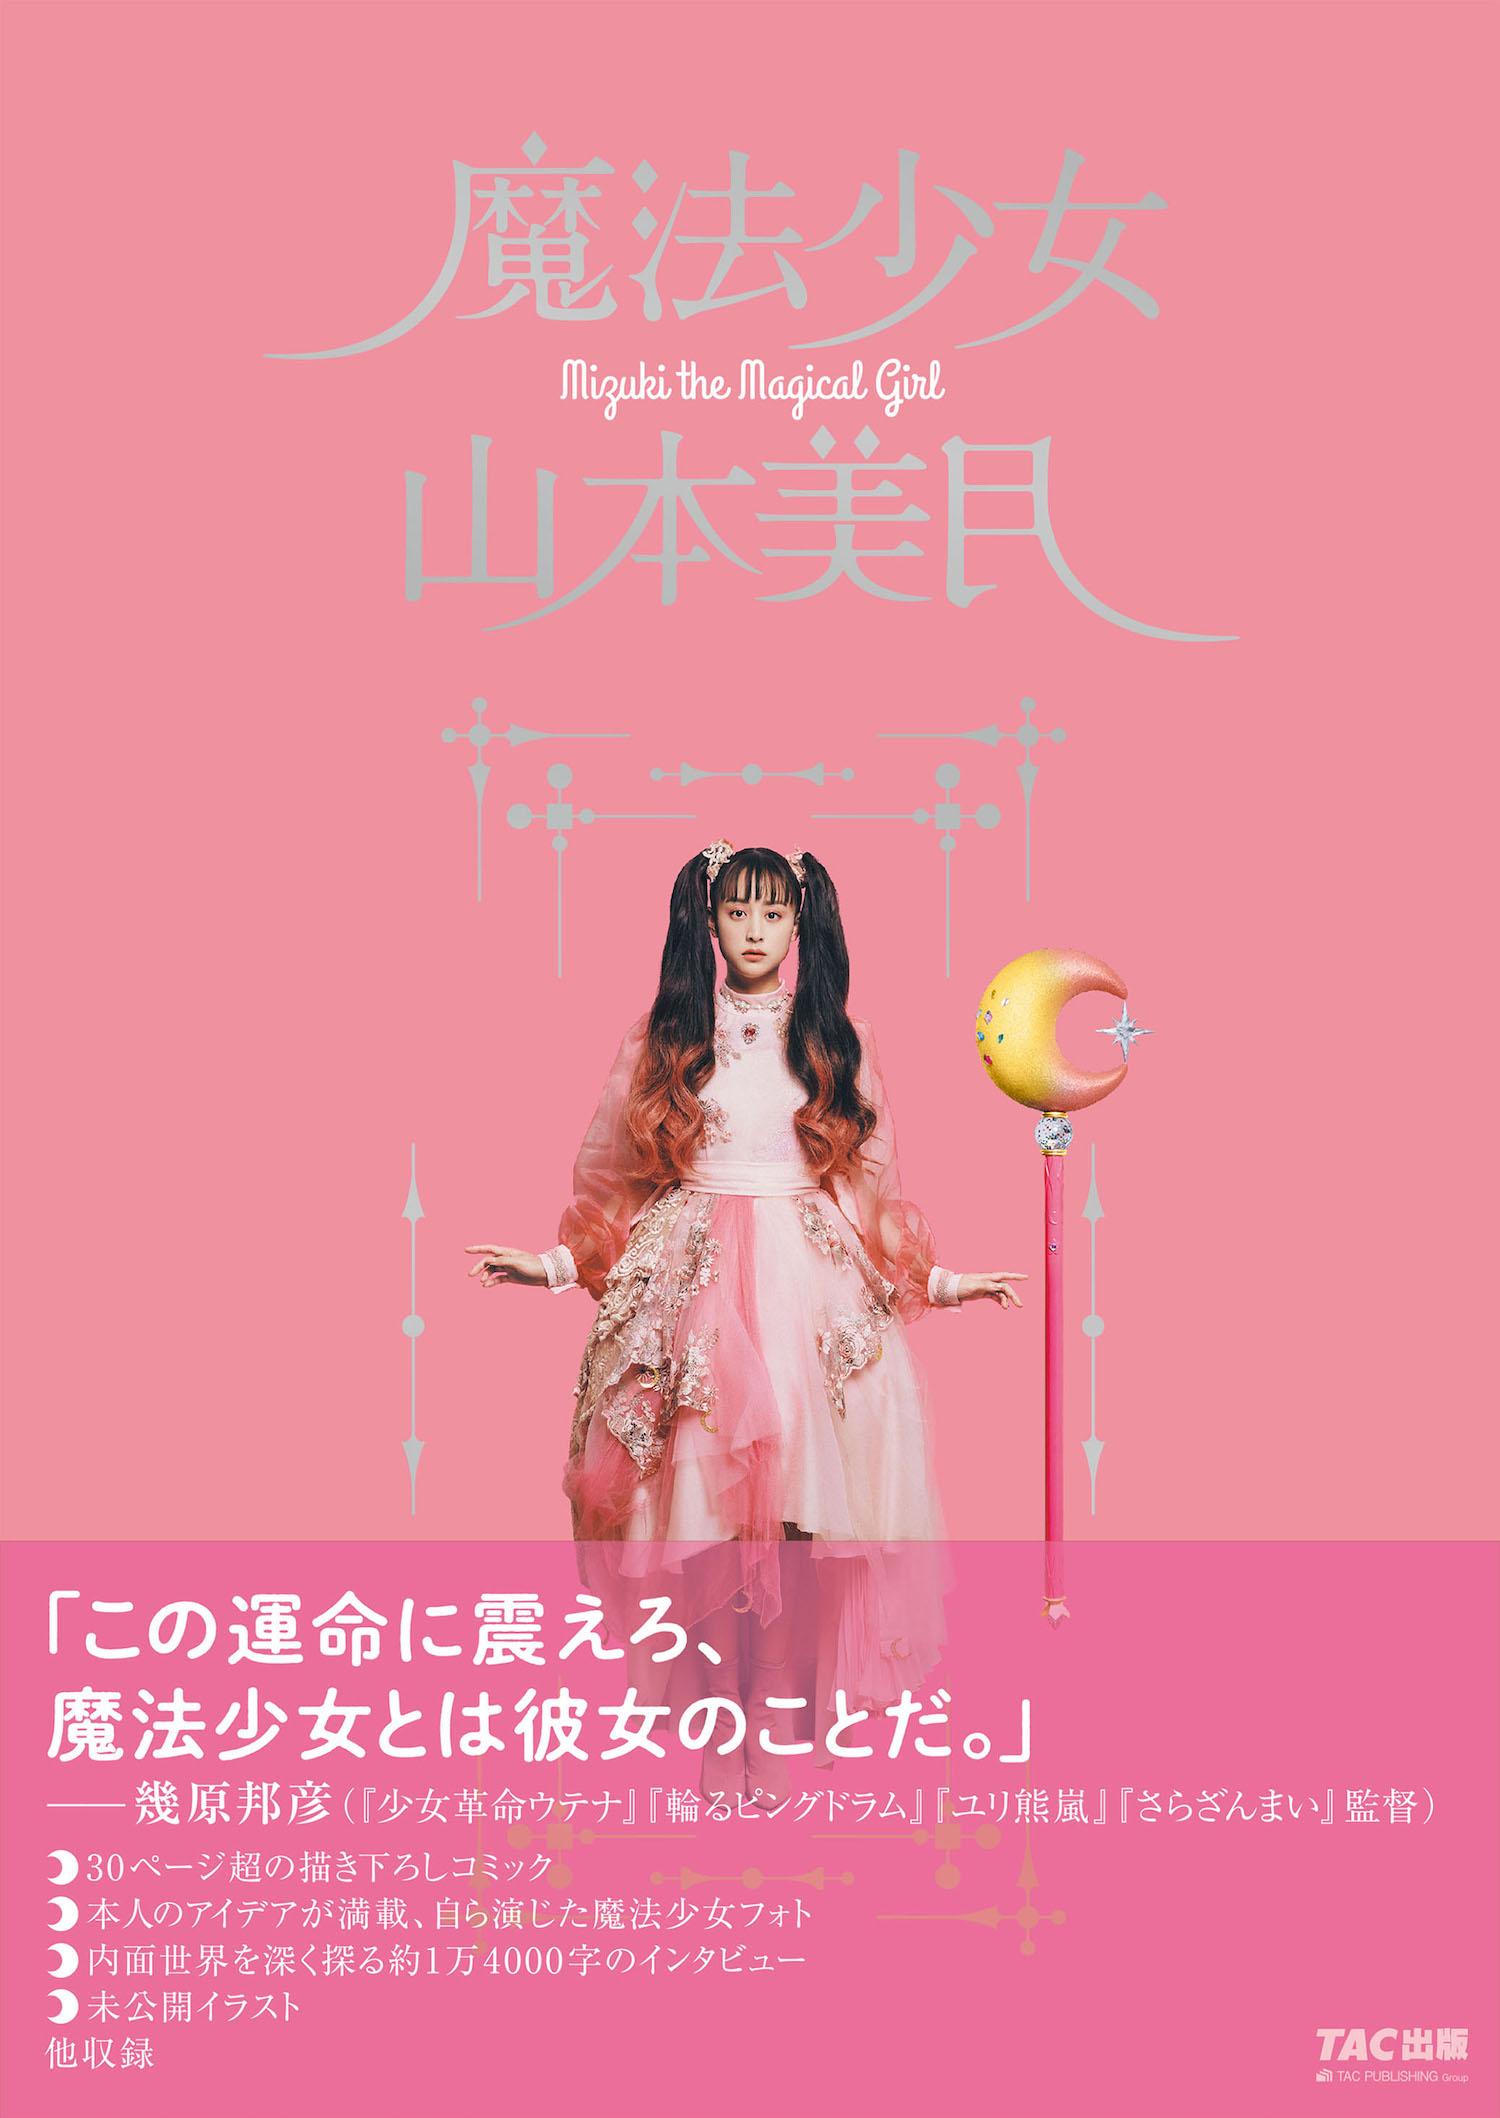 『魔法少女 山本美月』カバー(限定版)